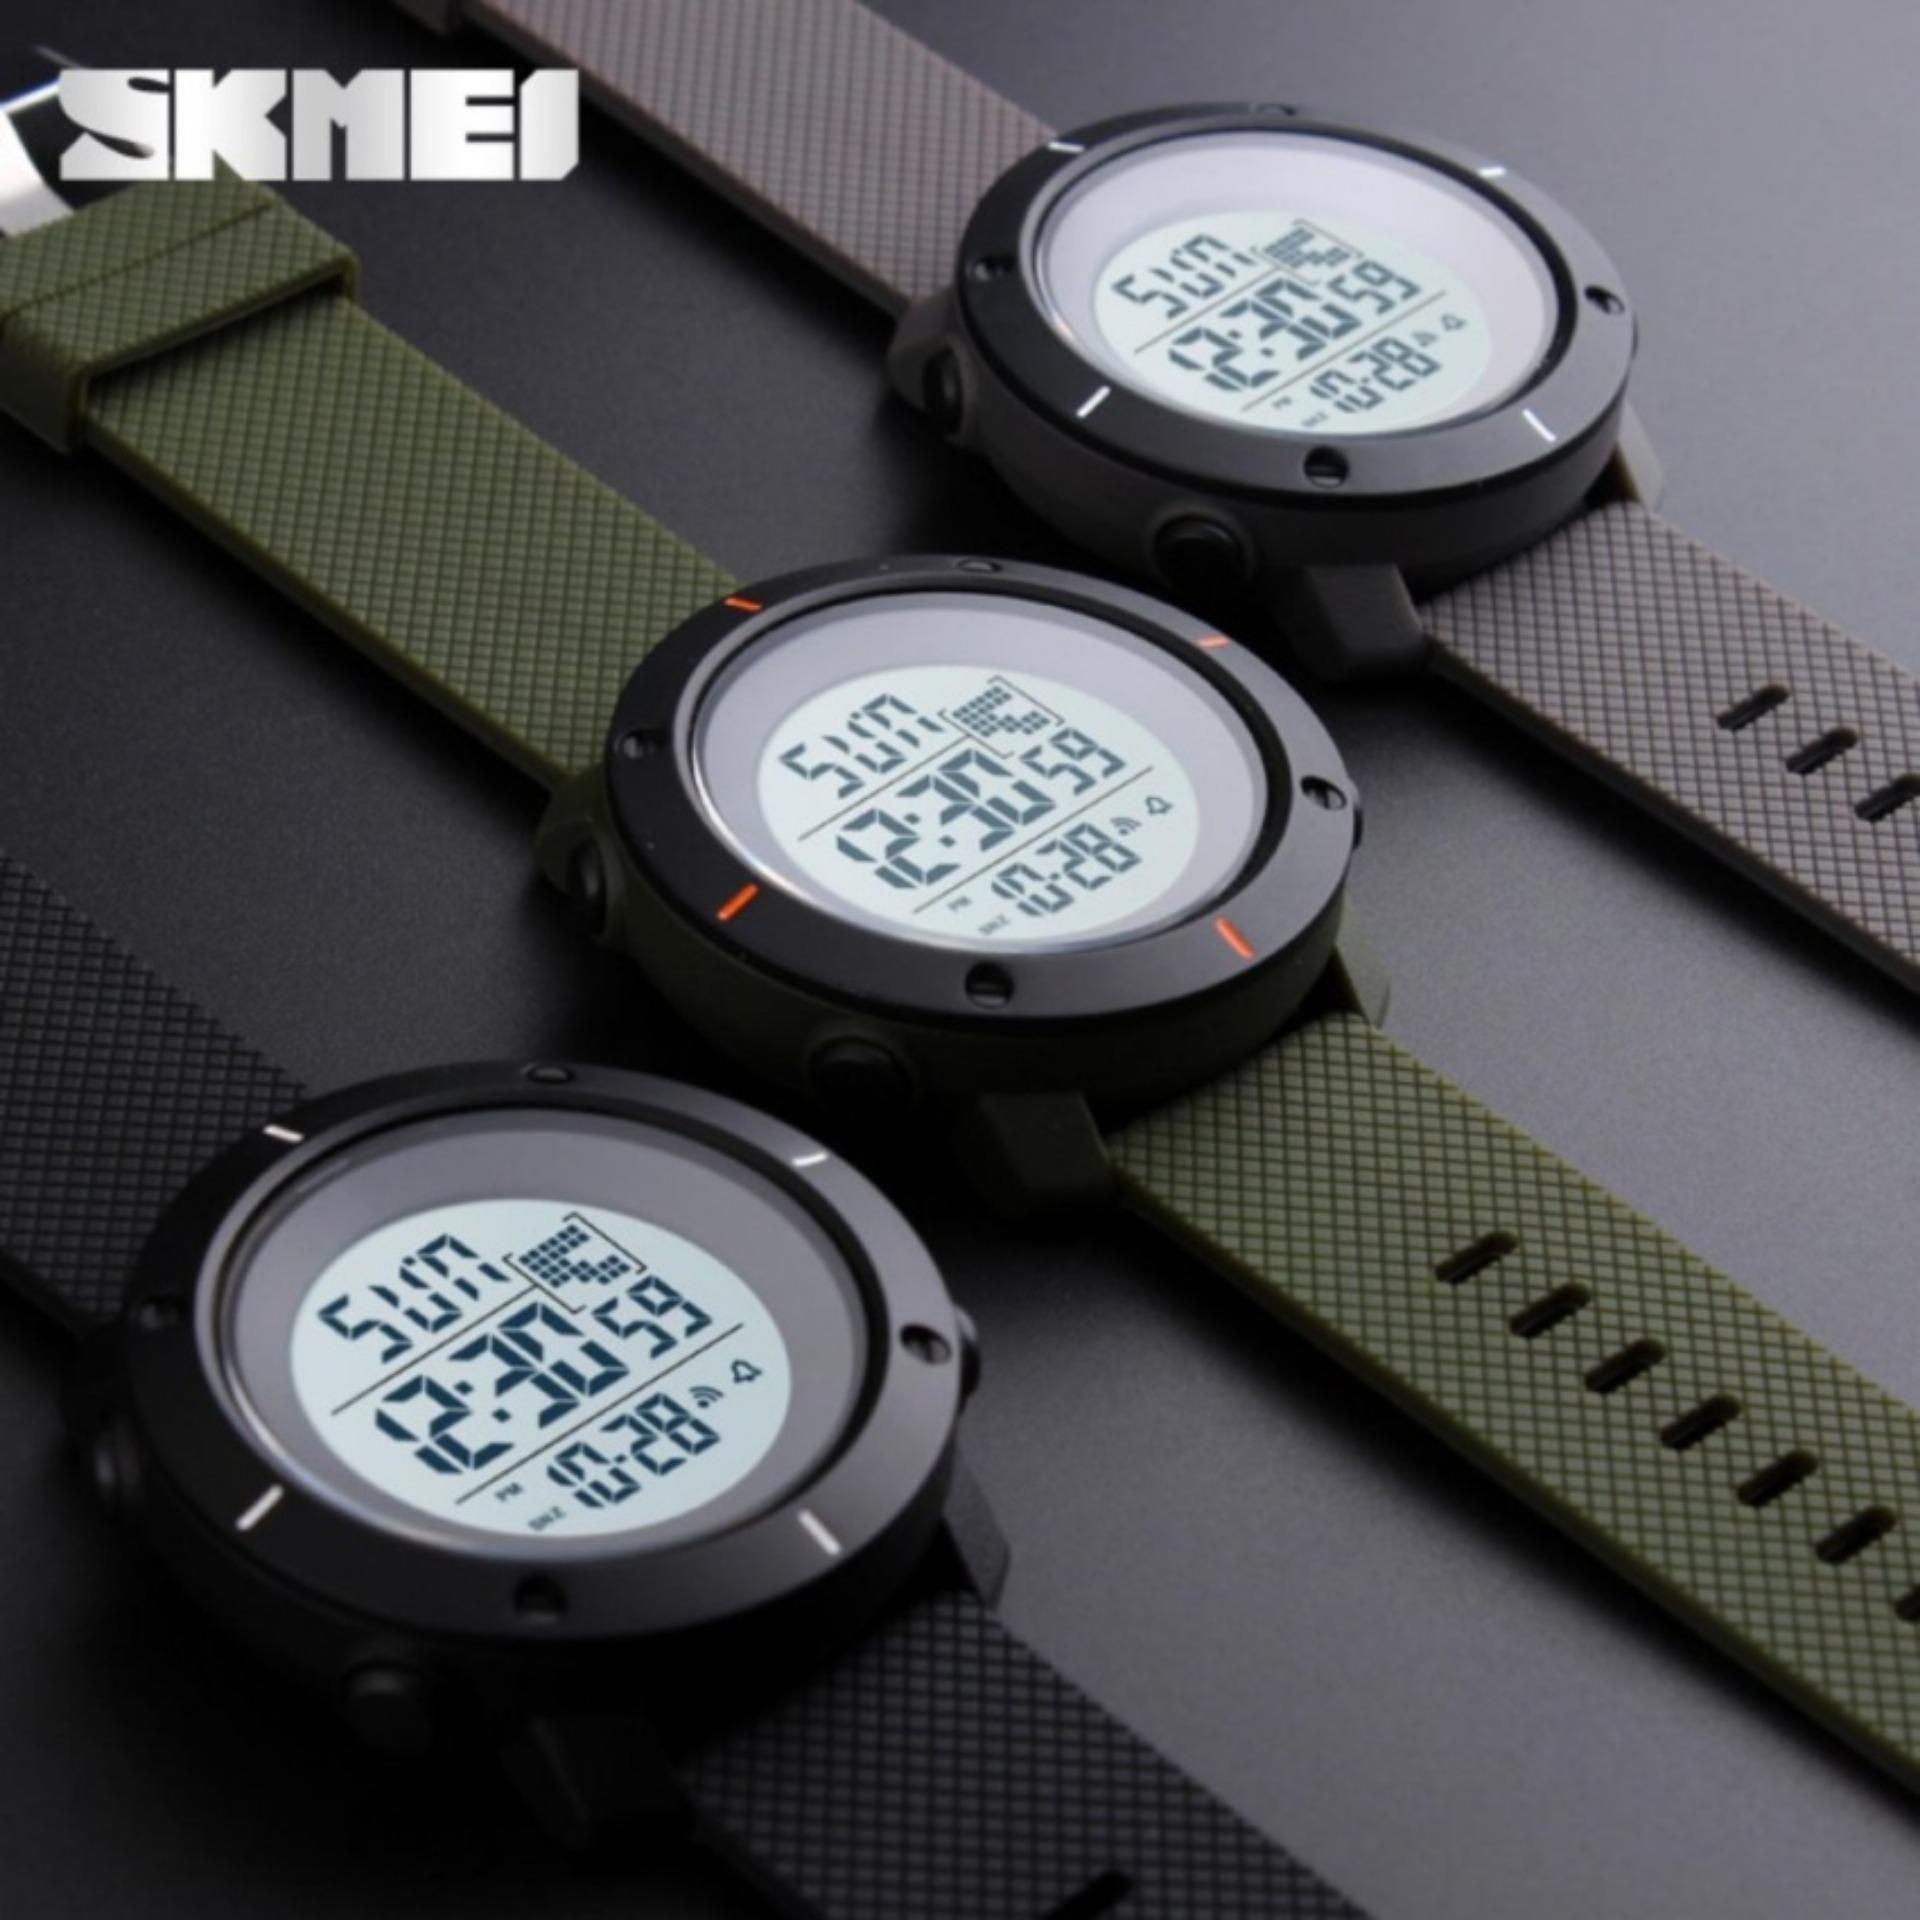 SKMEI Jam Tangan Militer Pria Sport LED Digital Water Resistance -1213 .